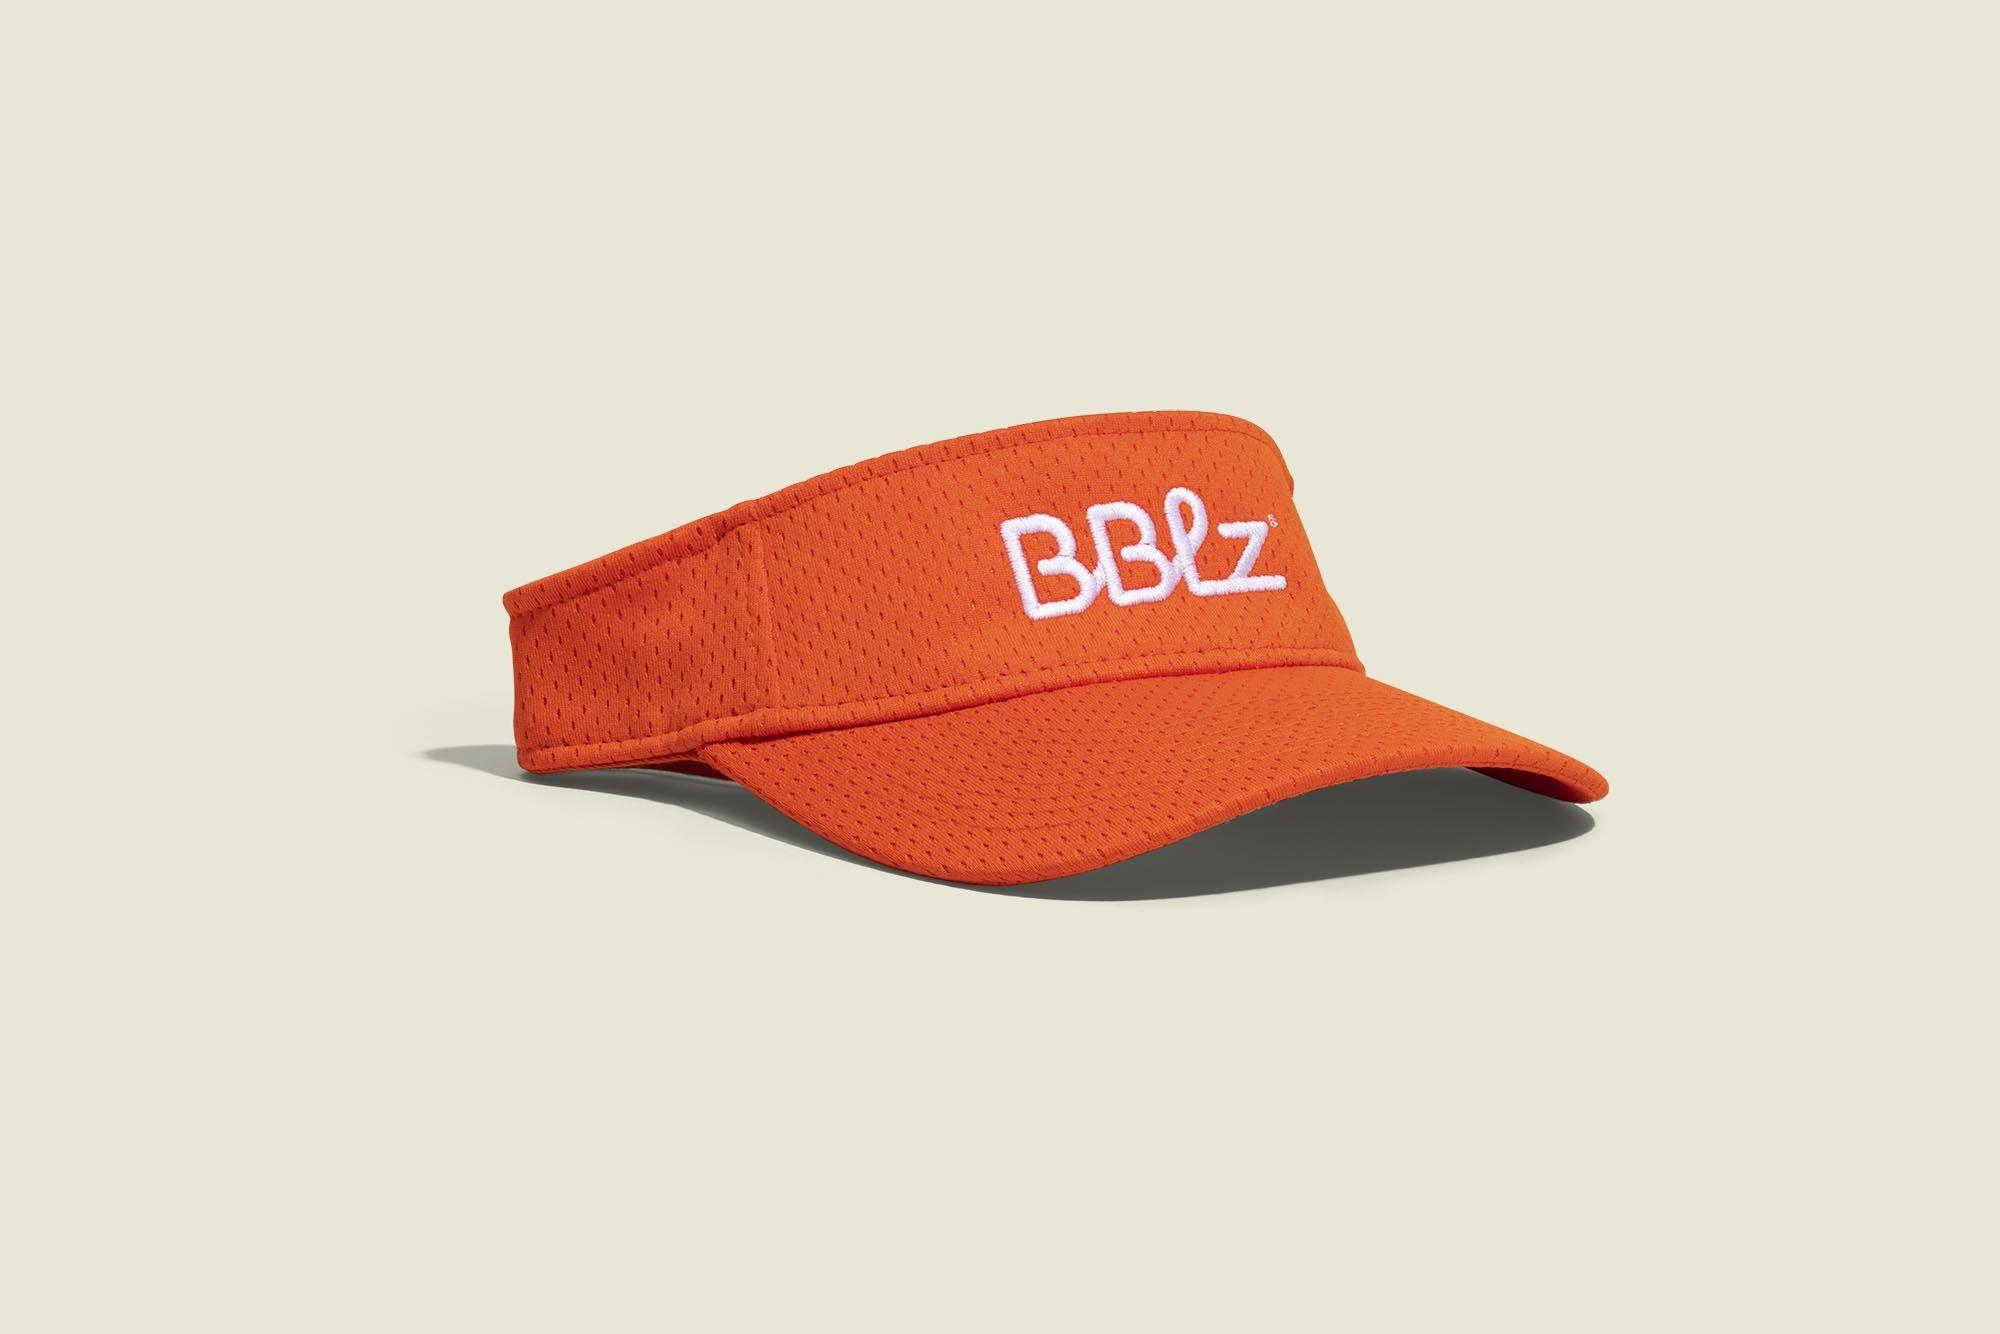 Orange Visor hat